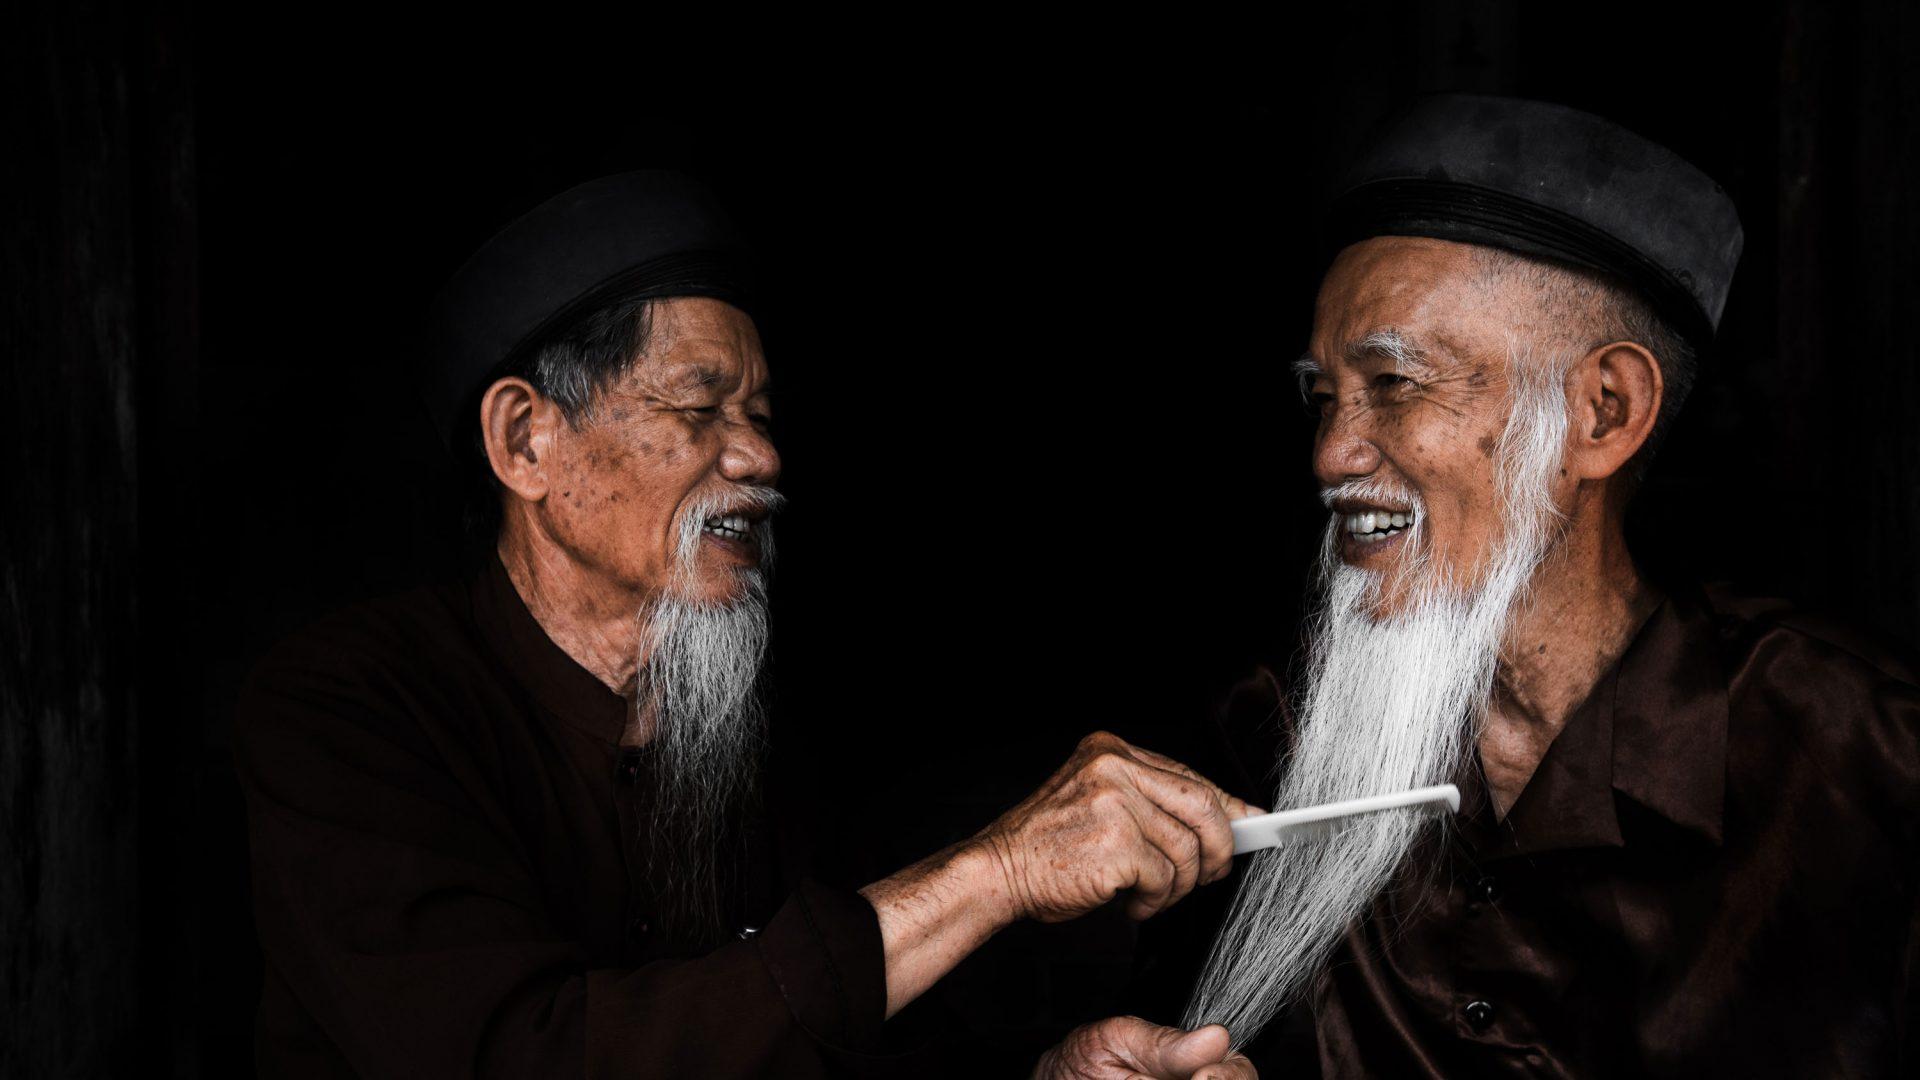 Two men brush each other's beards in Vietnam.